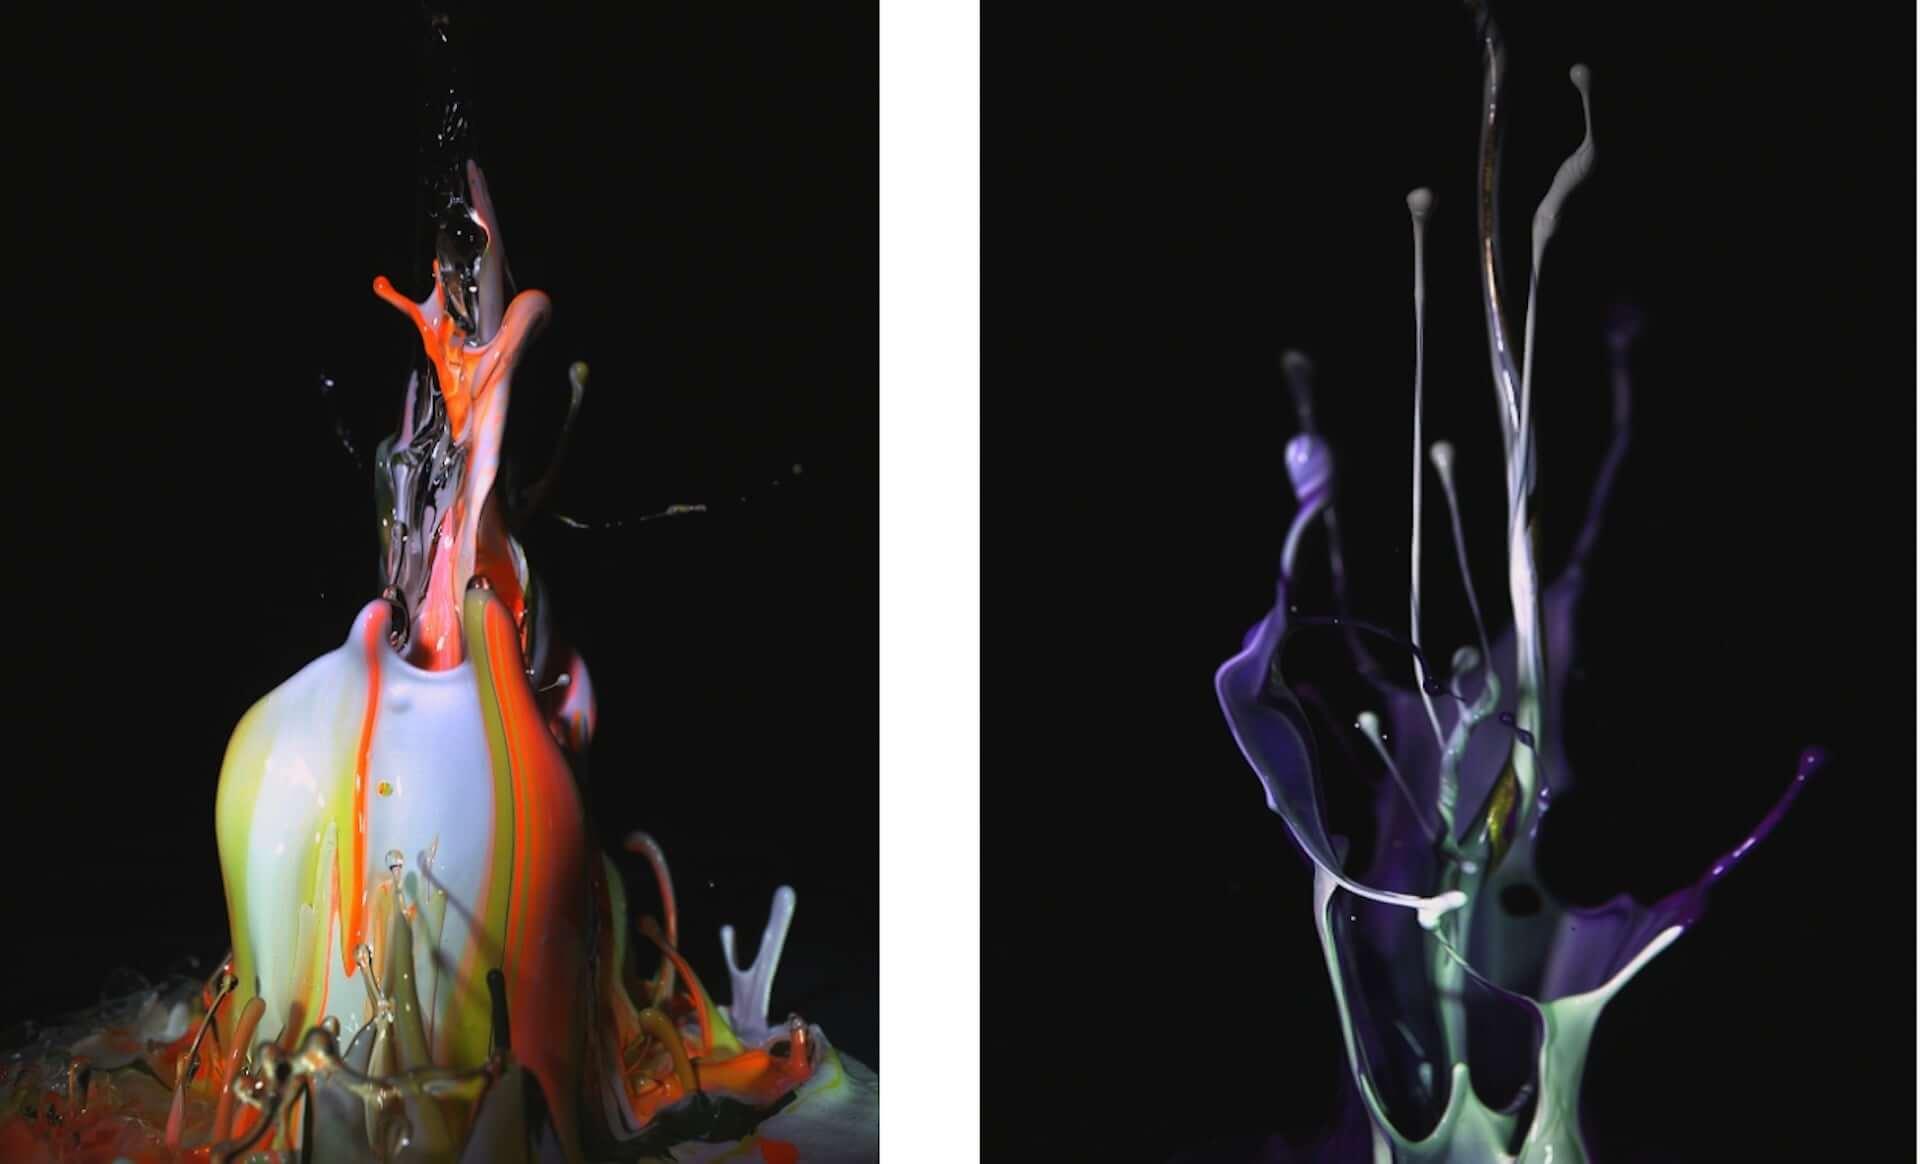 MoMAコレクションアーティスト・土佐尚子の新作NFTアート『Sound of Ikebana:音のいけばな』がオークションに登場